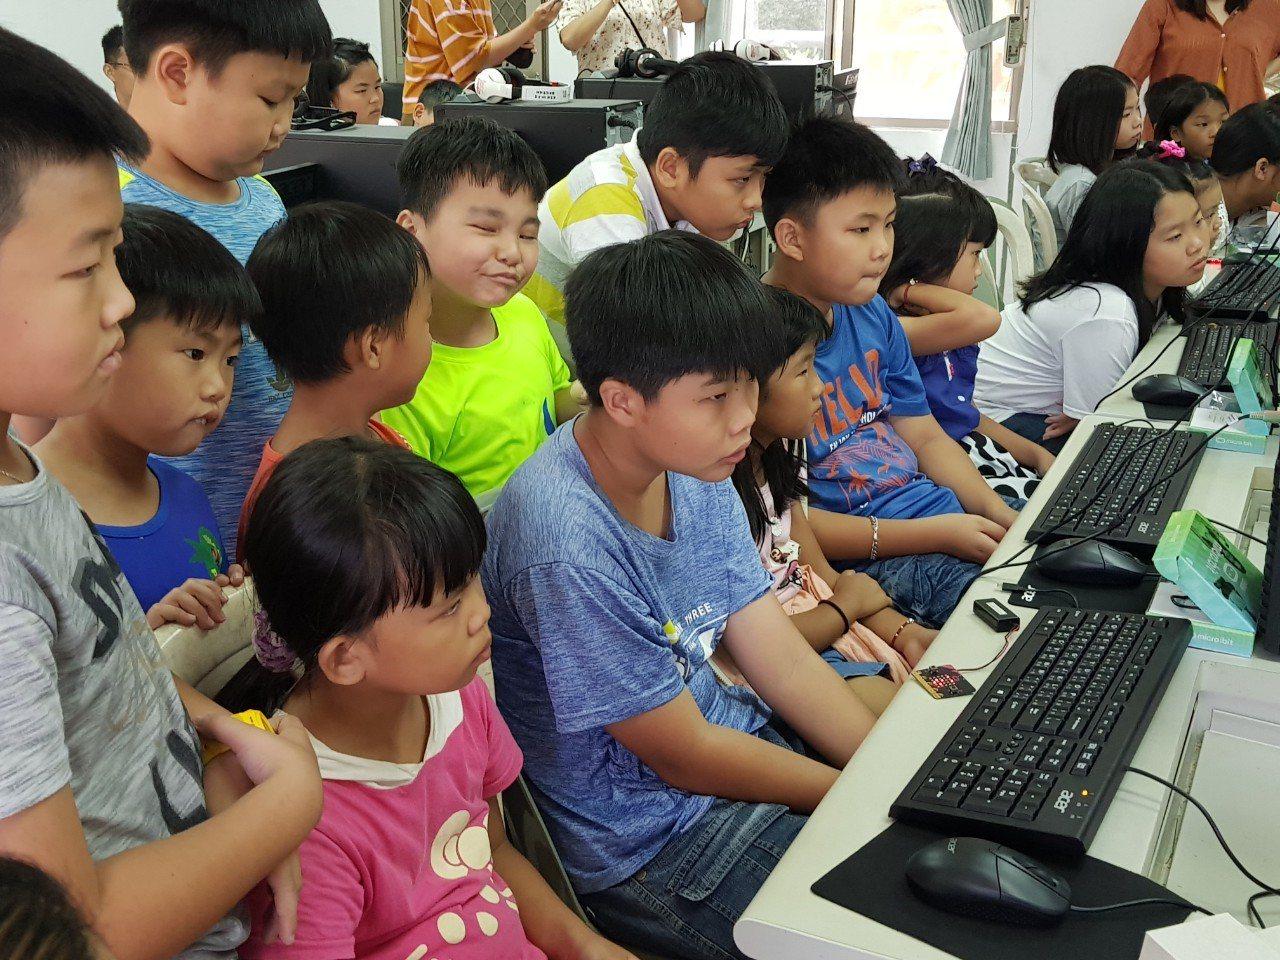 時下最流行的桌遊遊戲mirco-bit走入桶頭國小校園,經由指導後,讓學生們能夠...